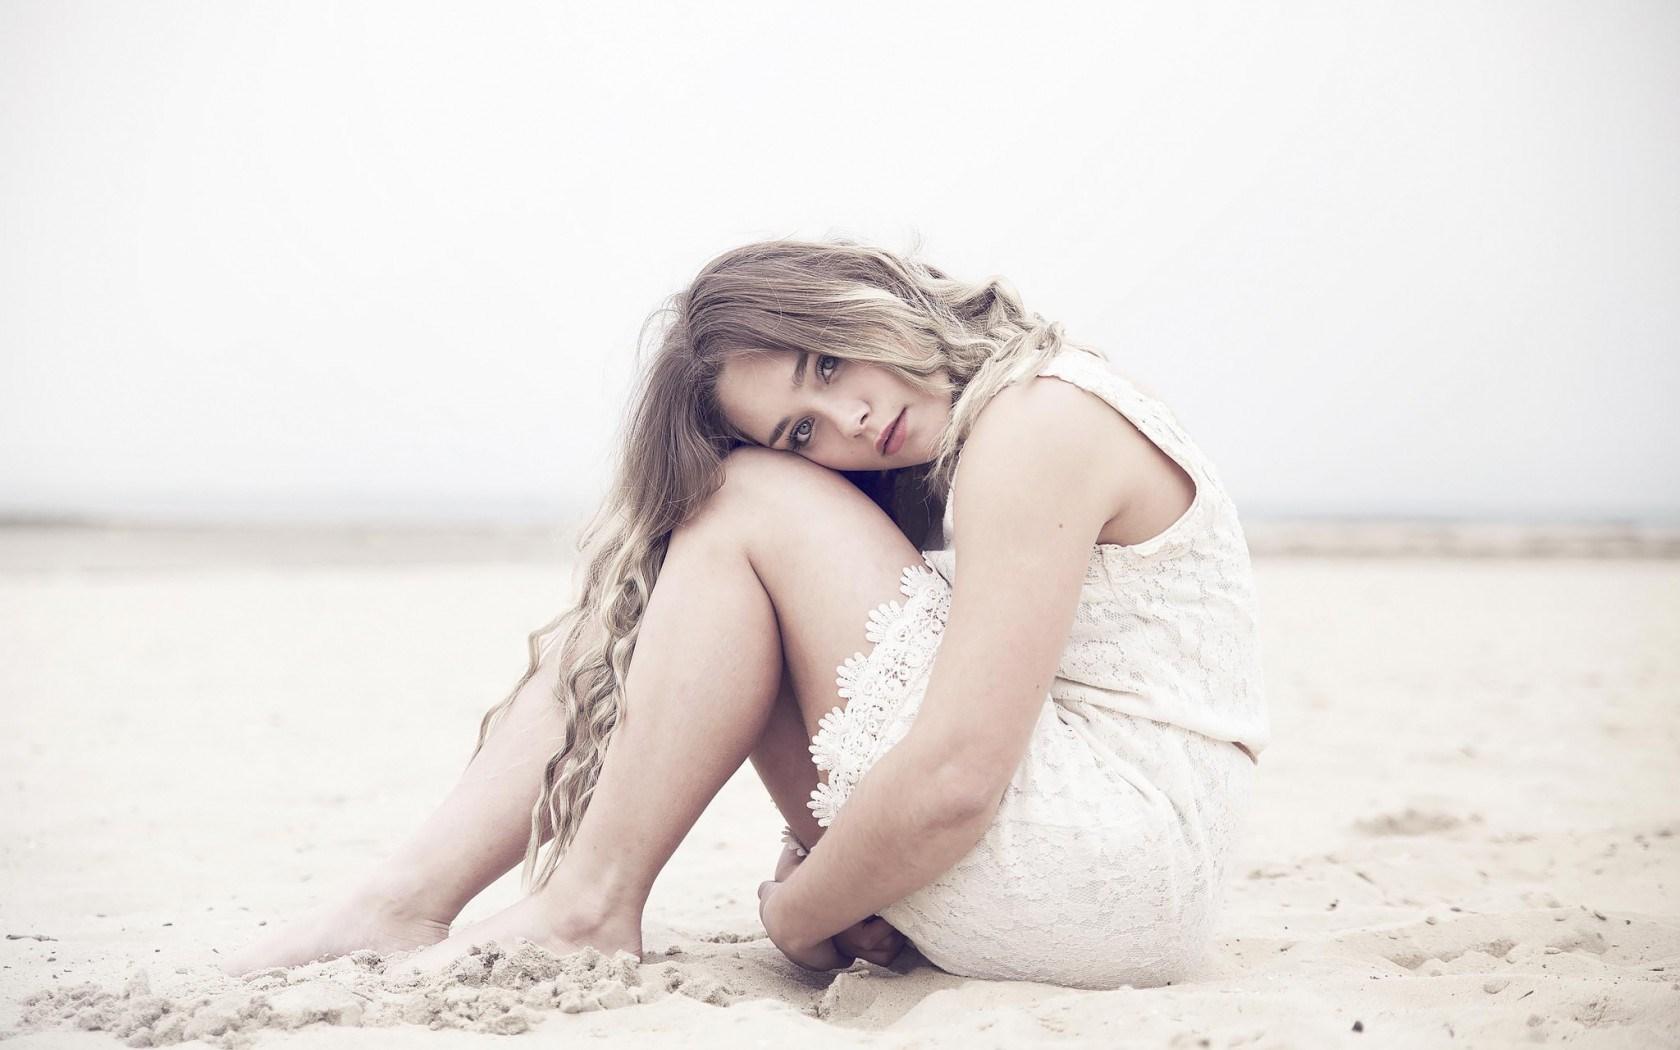 beach-mood-girl-look-lovely-white-dress ...